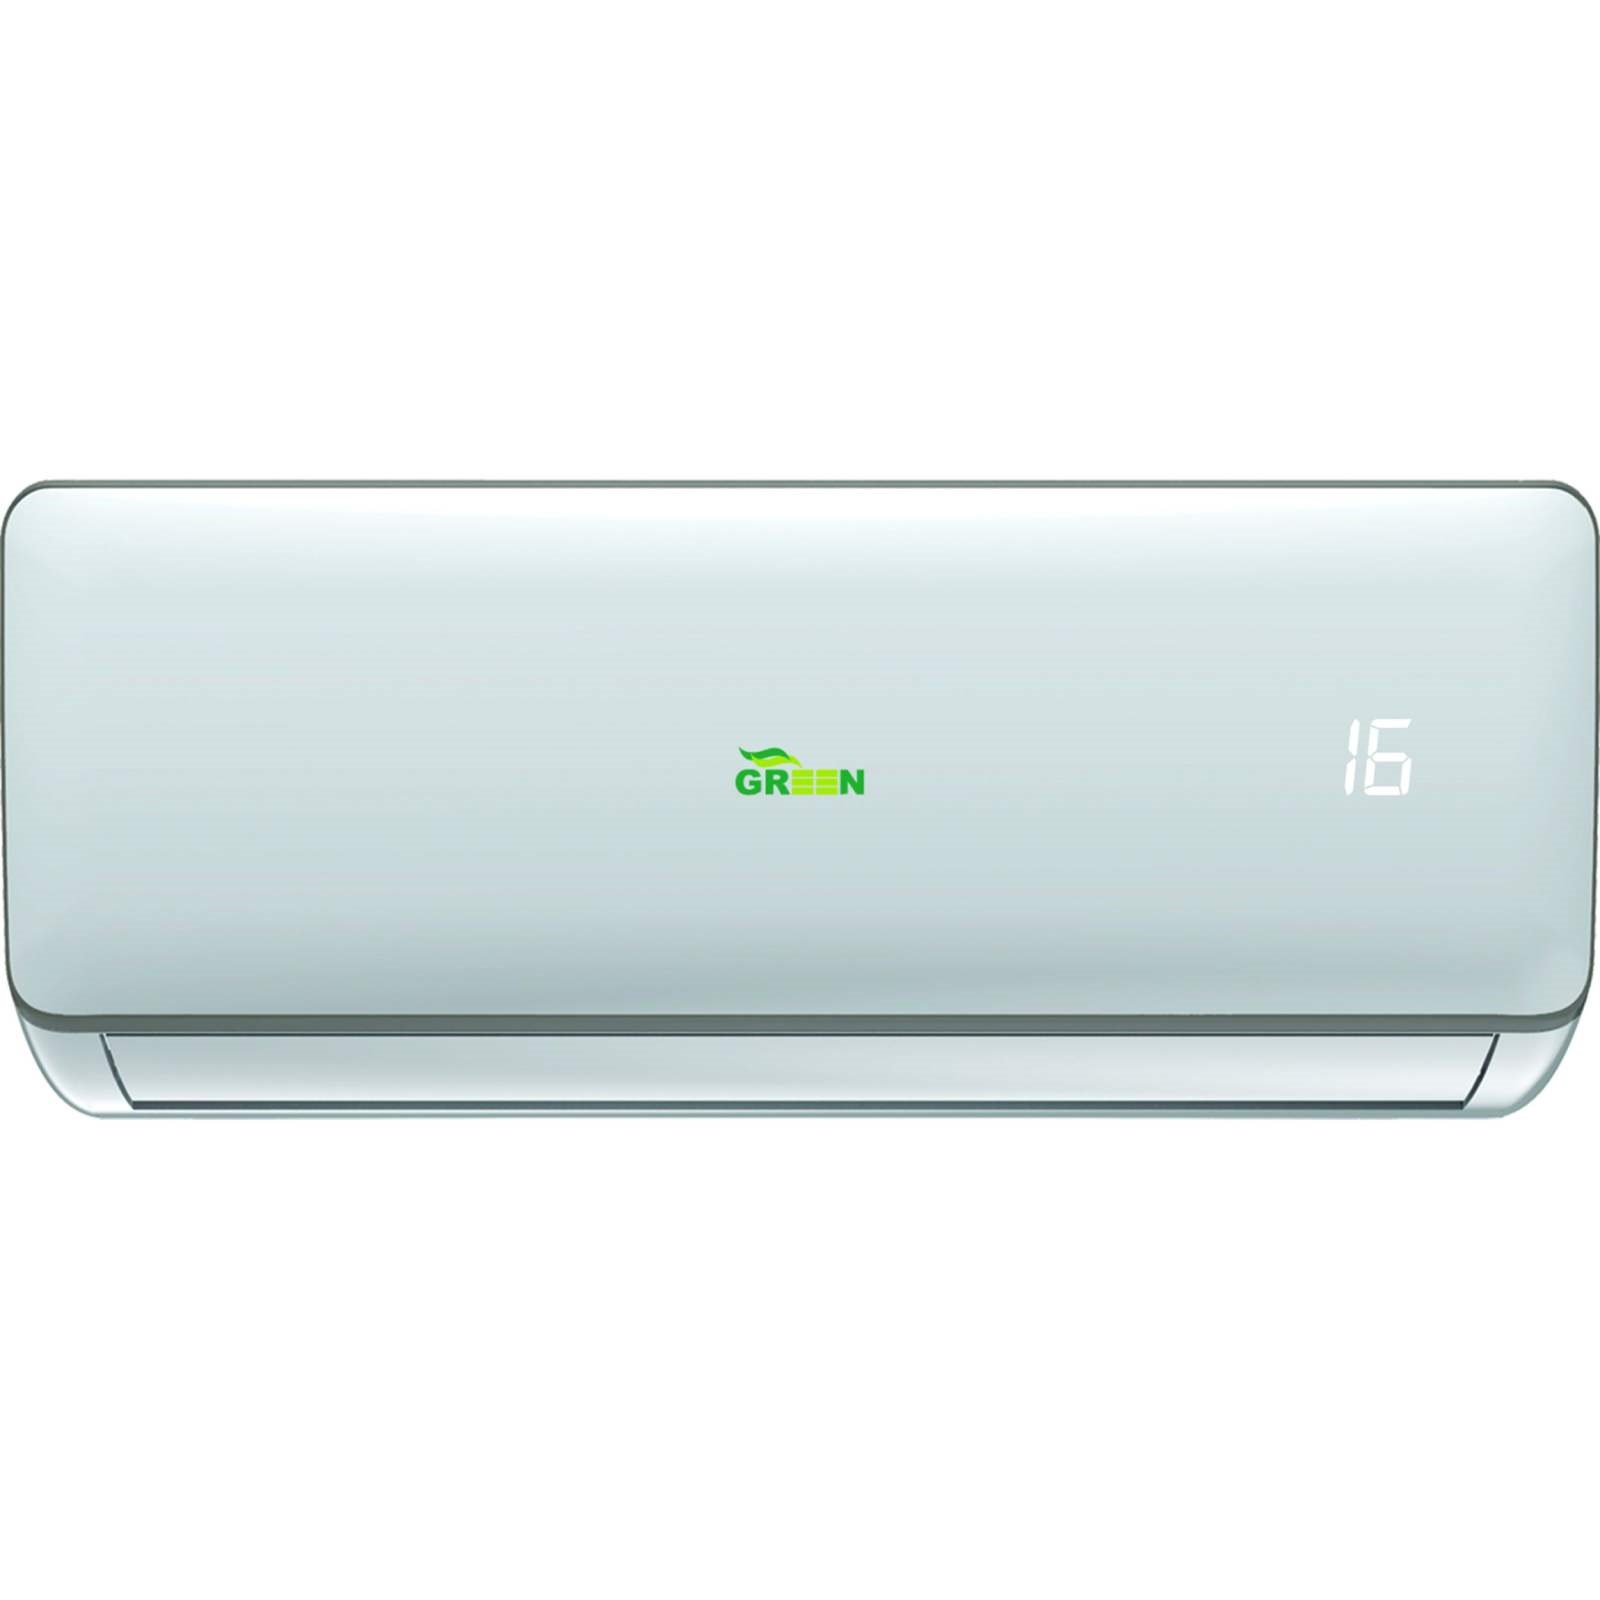 فروش نقدی و اقساطی کولرگازی گرین مدل GWS-H09P1T1A